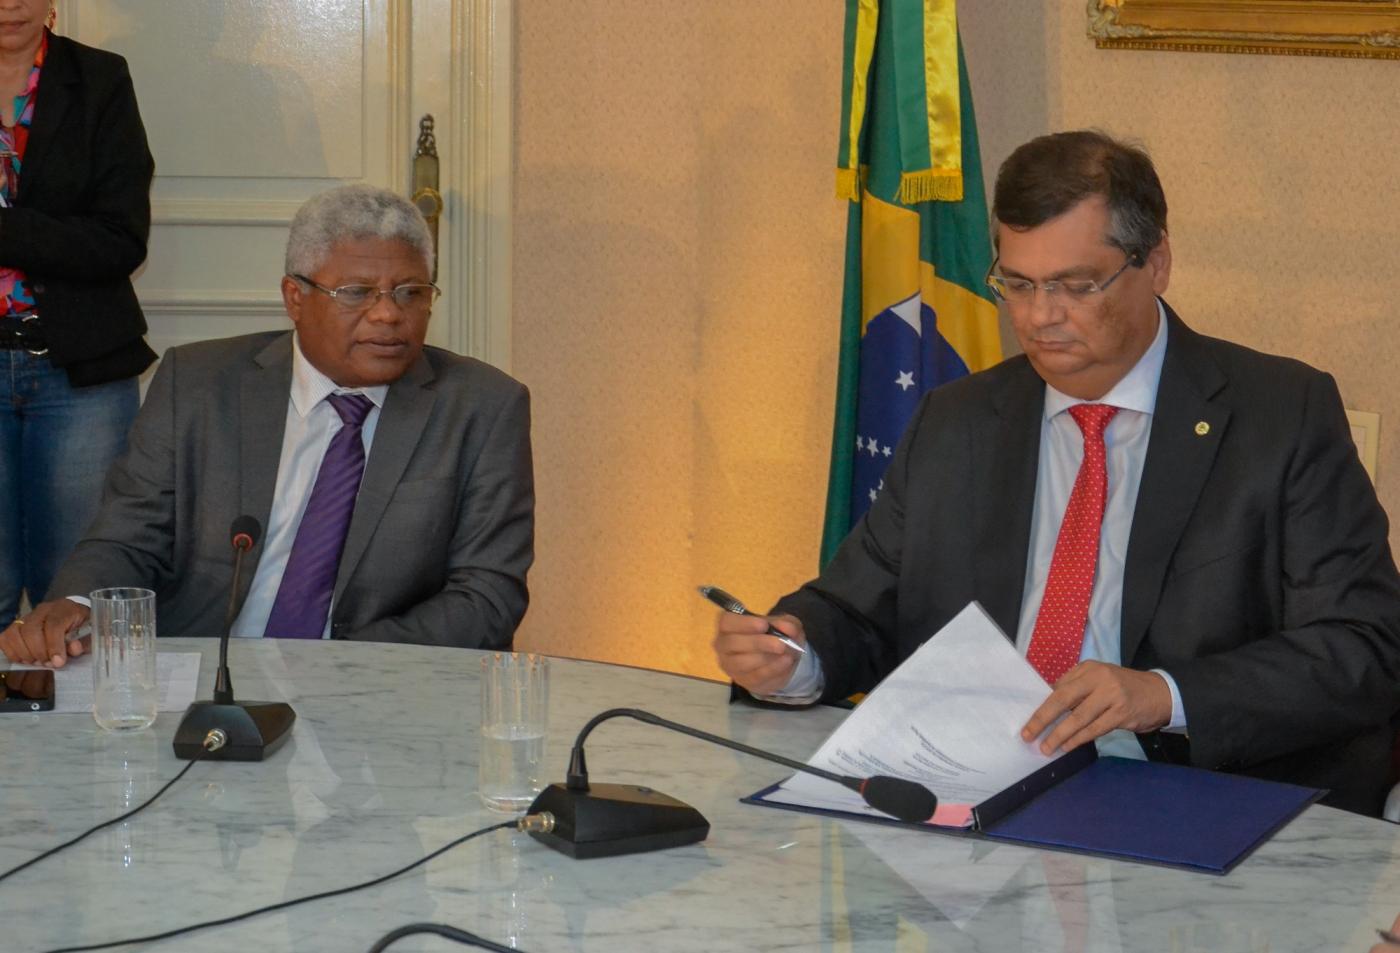 Governador Flávio Dino sanciona lei que destina vagas para negros em concursos públicos no Maranhão